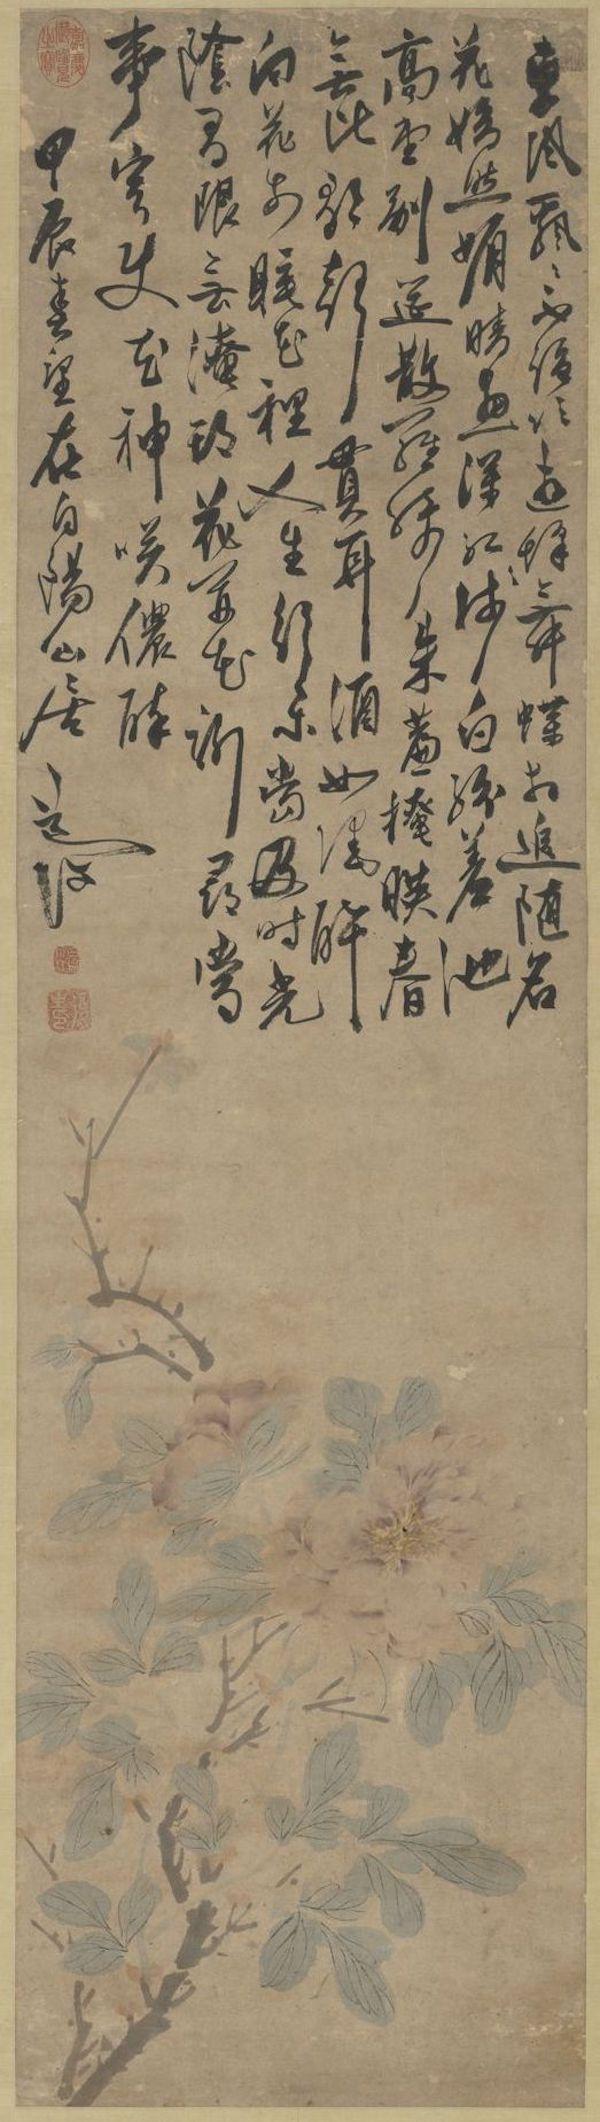 明 陈淳 《画牡丹》轴 台北故宫博物院藏